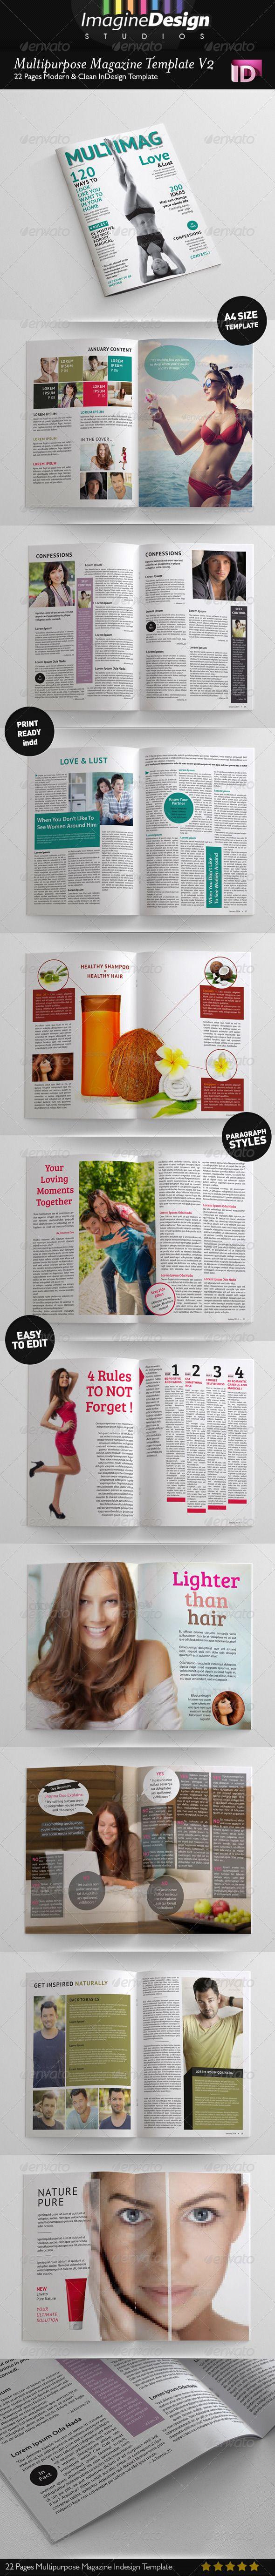 Multipupose Magazine Template V2 93 best Print